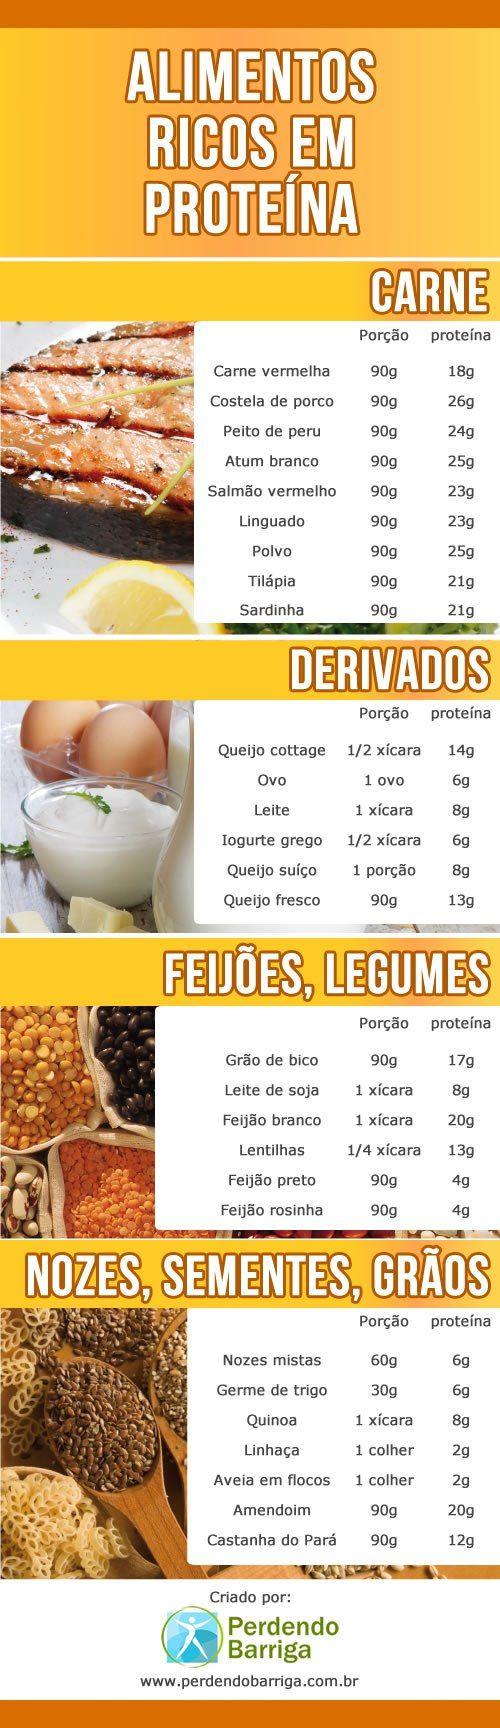 Alimentos ricos em proteína - Infográfico